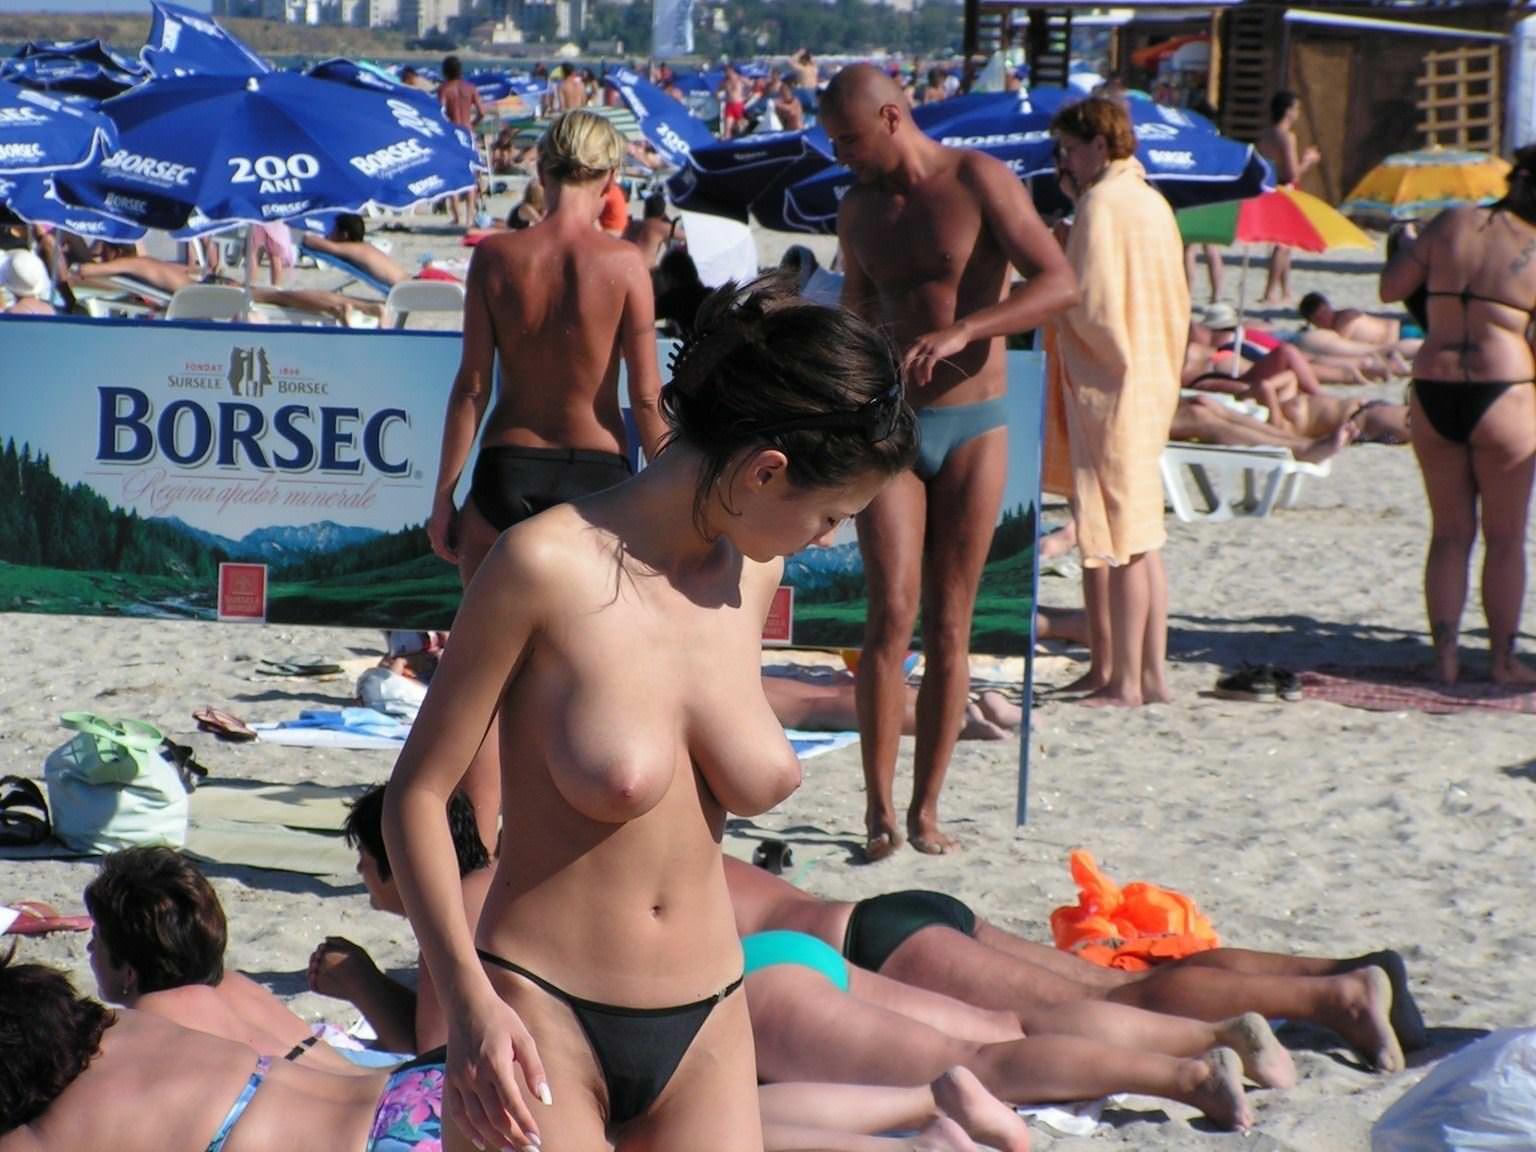 【外人】ヌーディストビーチで髪金の姉ちゃん盗撮し放題な露出エロ画像 2168